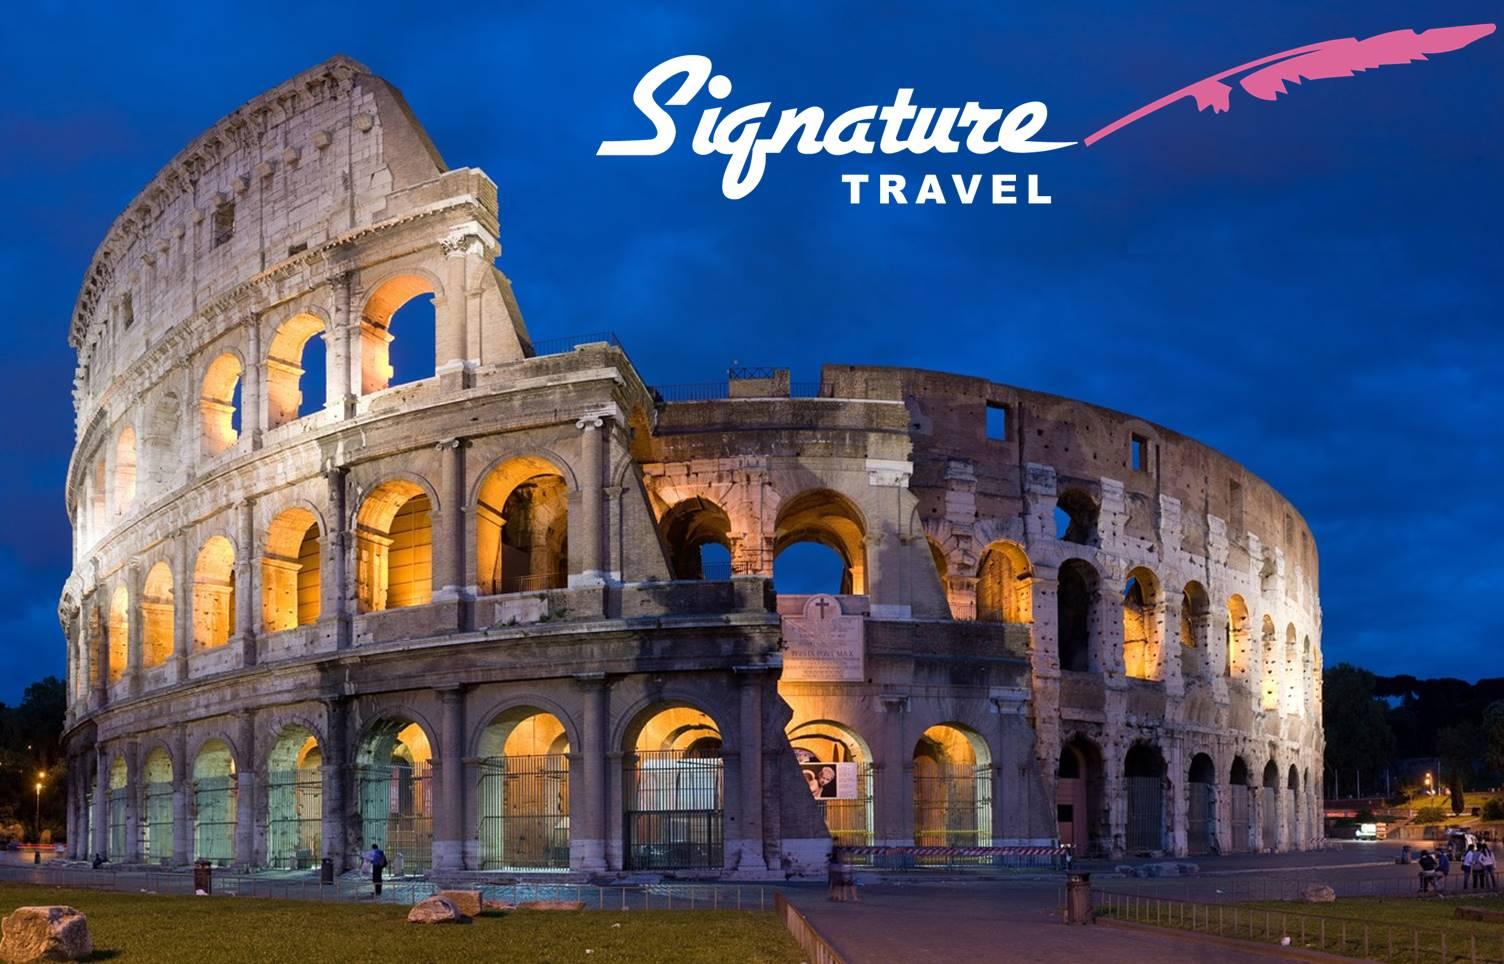 ΡΩΜΗ με την υπογραφή του ''Signature Travel'' στην καλύτερη τιμή που έγινε ποτέ! 179€ για 4 μέρες με Αεροπορικά, Κεντρικό Ξενοδοχείο με Πρωινό, Φόρους πληρωμένους & Ξενάγηση στο κέντρο της Ρώμης (κάθε Τετάρτη) εικόνα